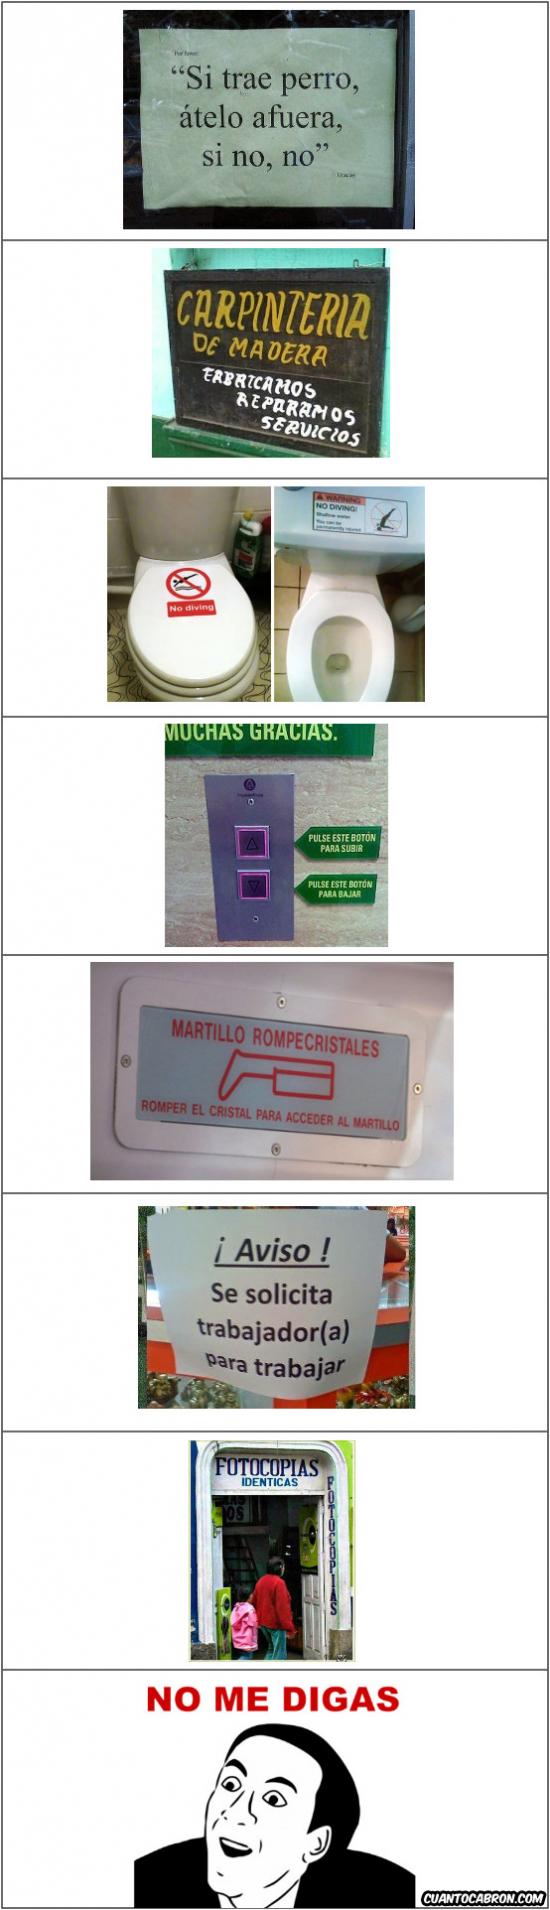 No_me_digas - No me digas, versión: carteles en tiendas